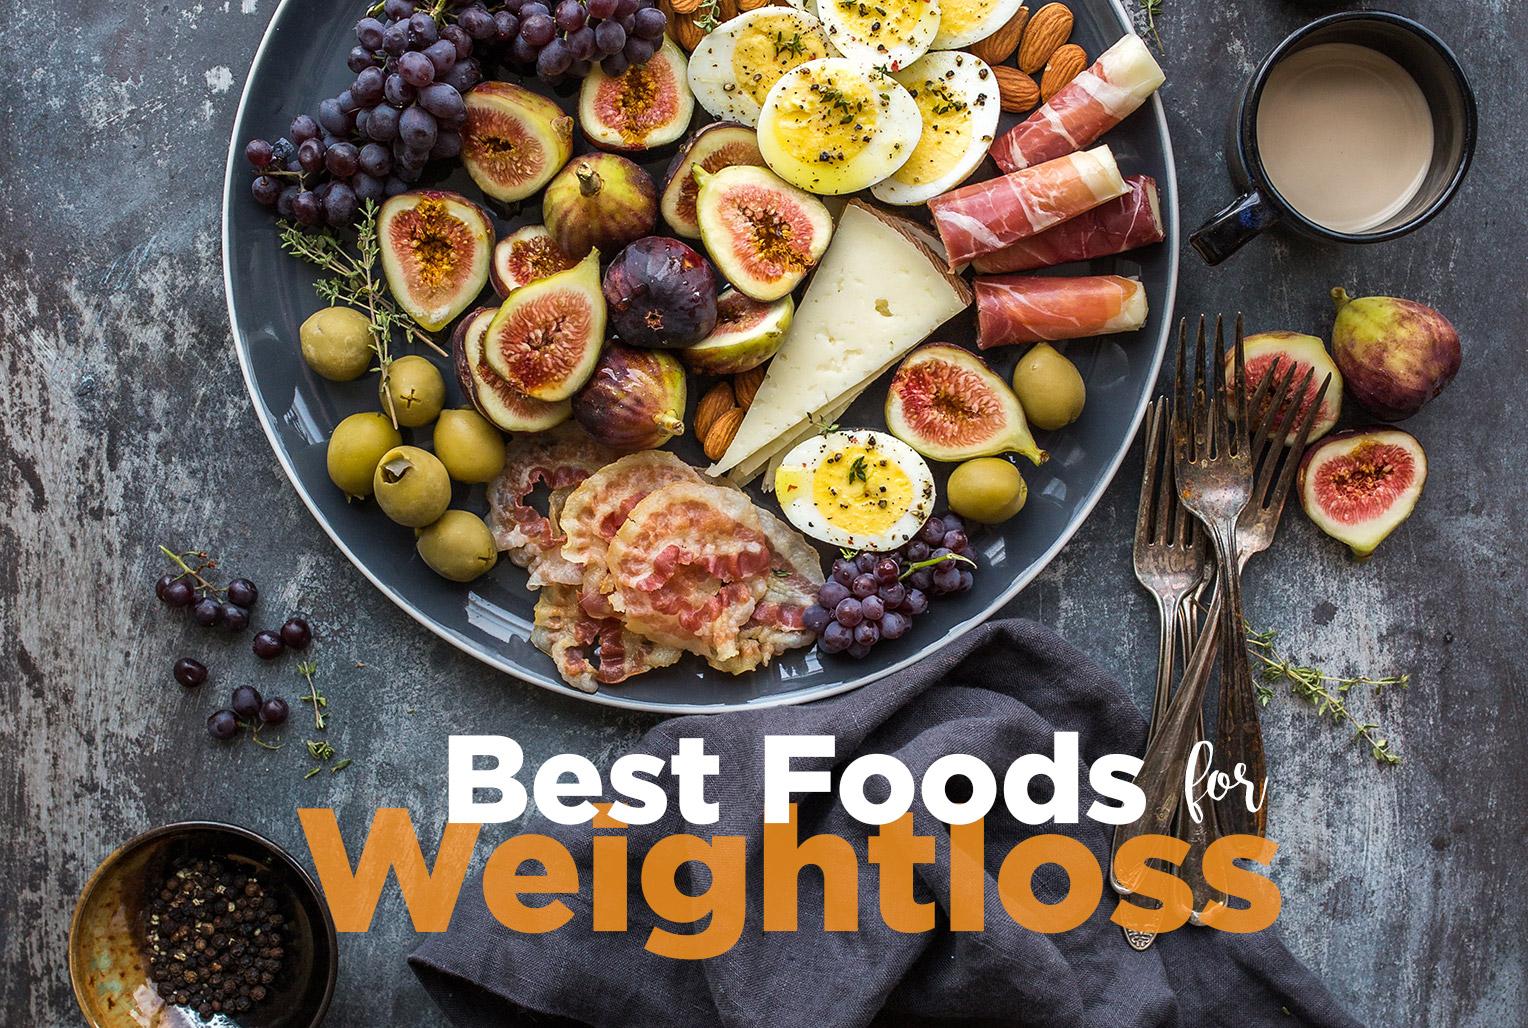 Best Foods for Weightloss